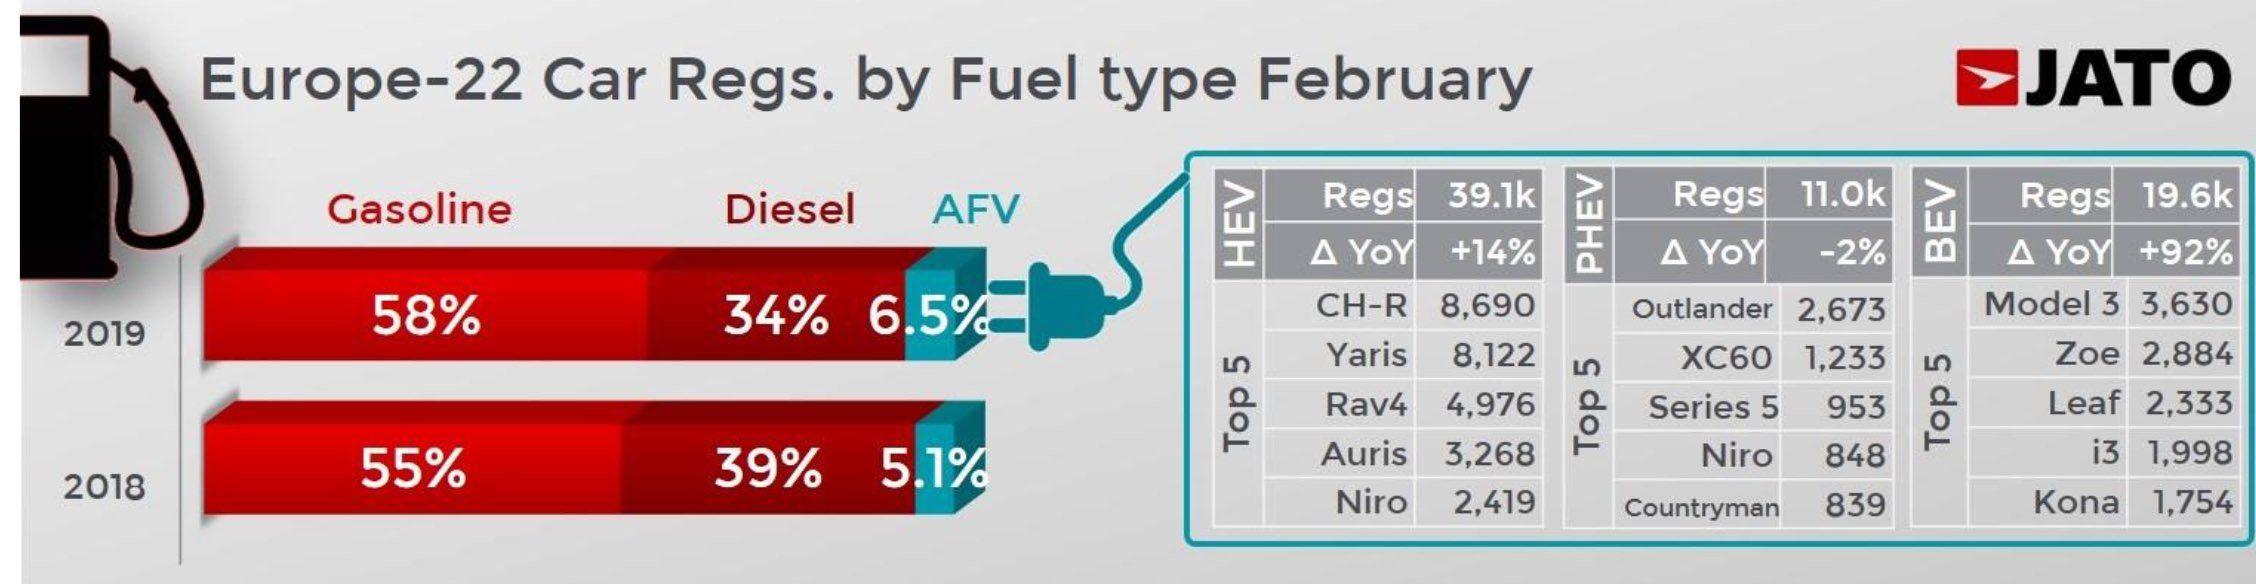 Sprzedaż nowych hybryd, hybryd plug-in i aut elektrycznych w lutym 2019 r. w Europie (źródło: JATO)